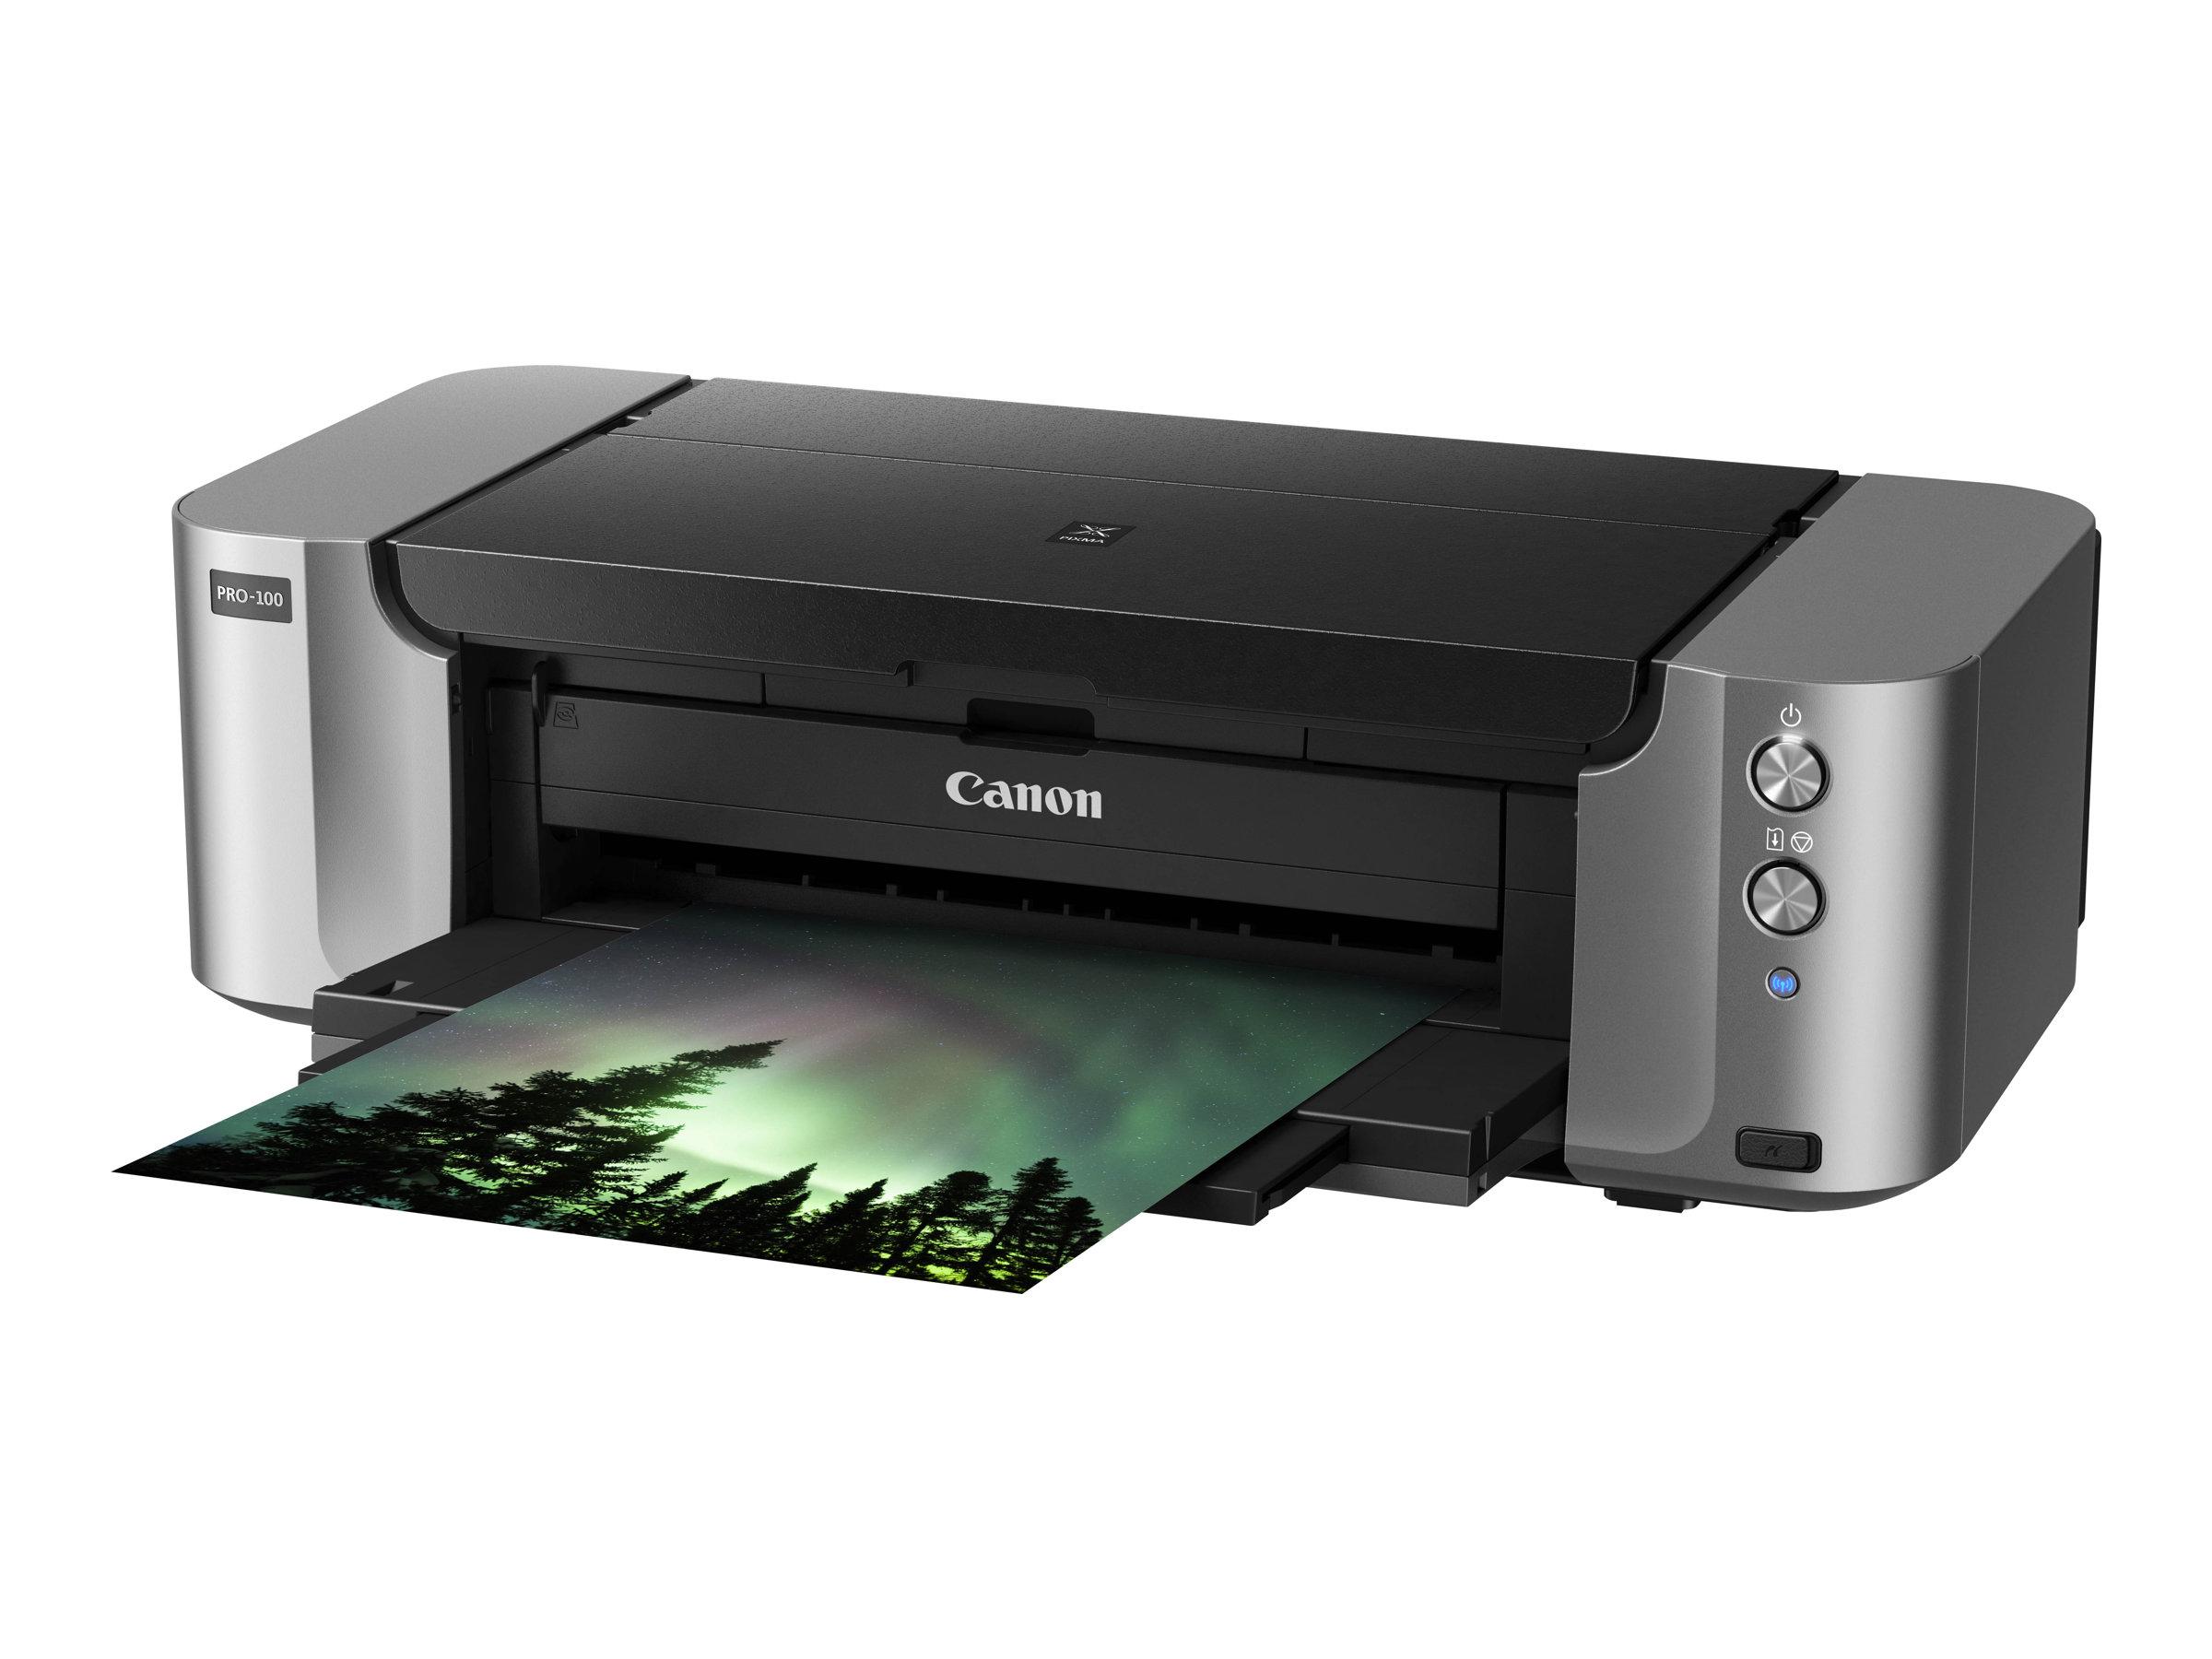 Vorschau: Canon PIXMA PRO-100S - Drucker - Farbe - Tintenstrahl - A3 Plus, 360 x 430 mm bis zu 1.5 Min./Seite (Farbe)